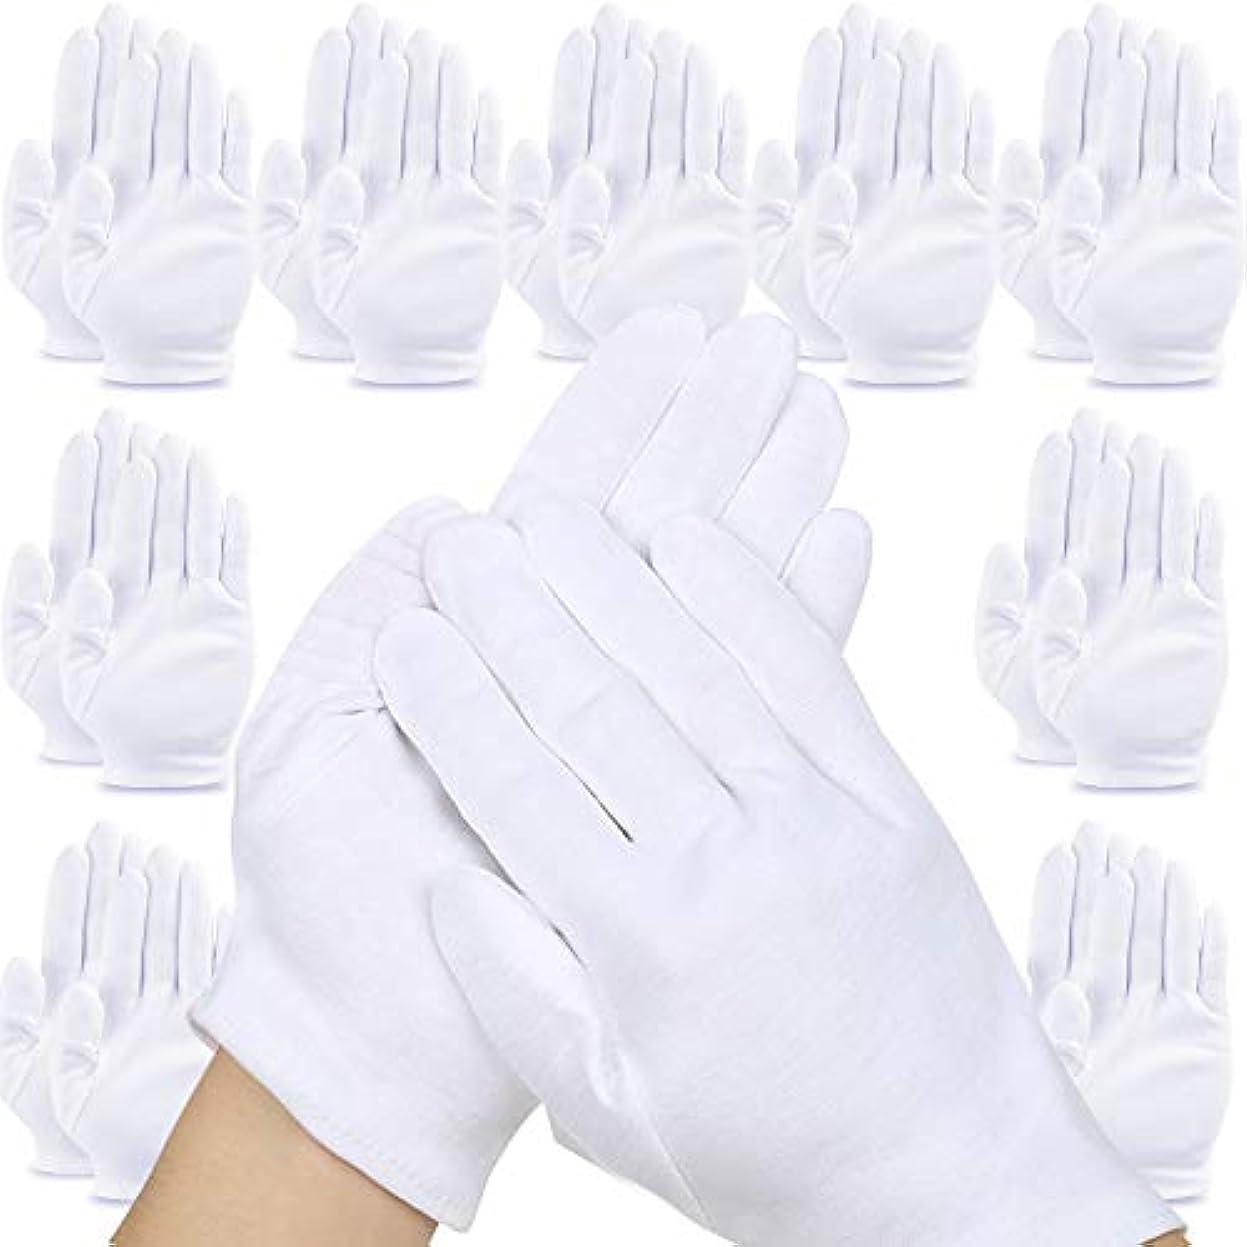 スクラップ屈辱するモトリーコットン手袋 綿手袋 インナーコットン手袋 白手袋 20枚入り 手荒れ 手袋 Sサイズ おやすみ 手袋 湿疹用 乾燥肌用 保湿用 家事用 礼装用 ガーデニング用